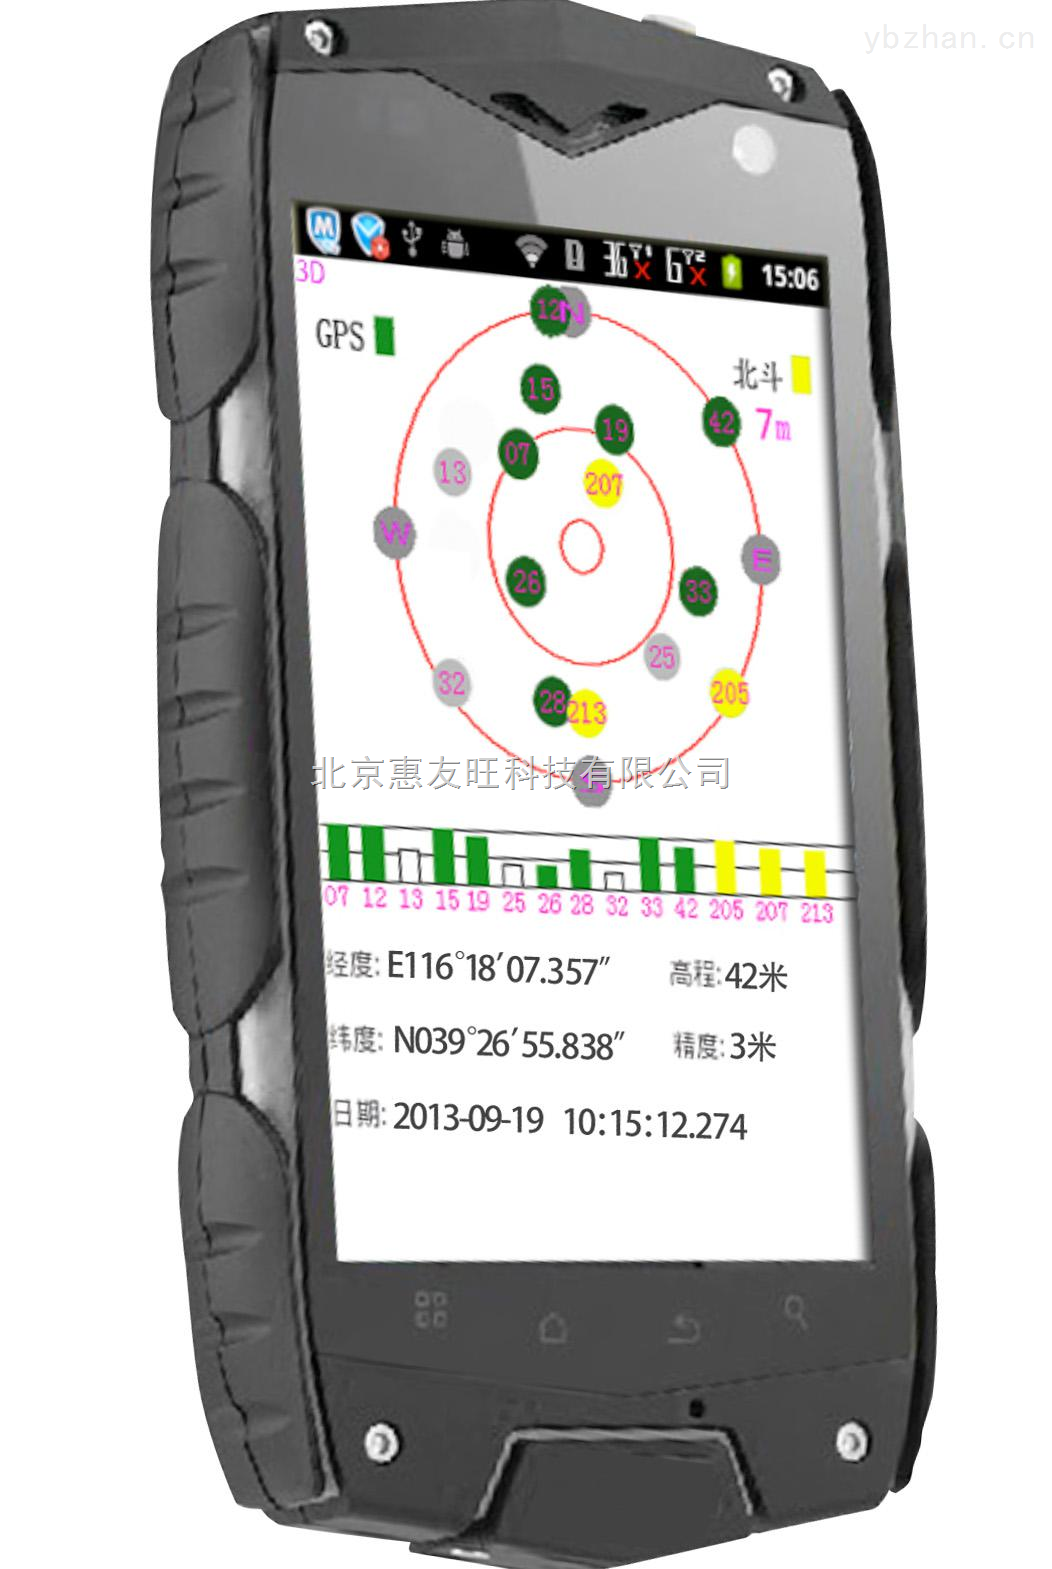 测无忧 A9 专业手持GPS导航设备